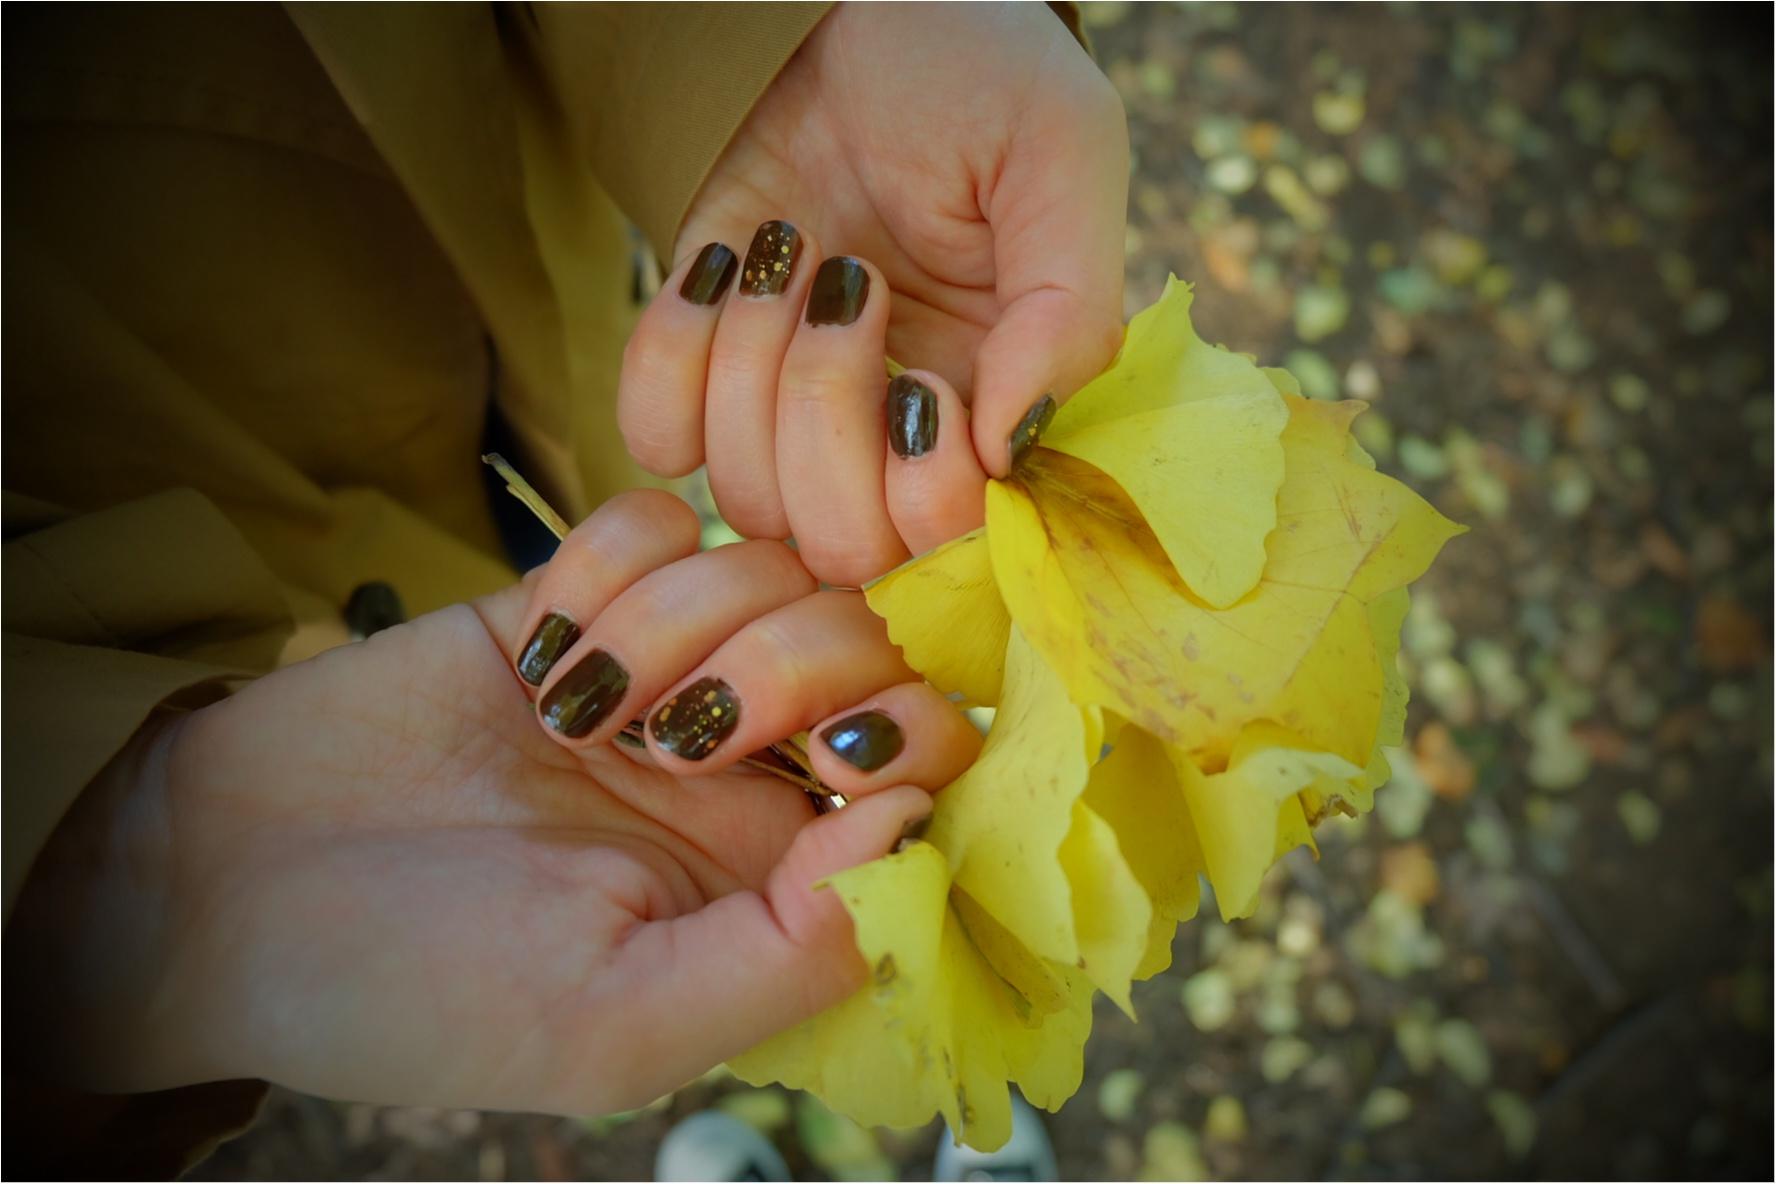 東京でも絶景の紅葉が!《新宿御苑》で秋が始められますよ〜!!フォトスポット&コーディネートも合わせてご紹介!_8